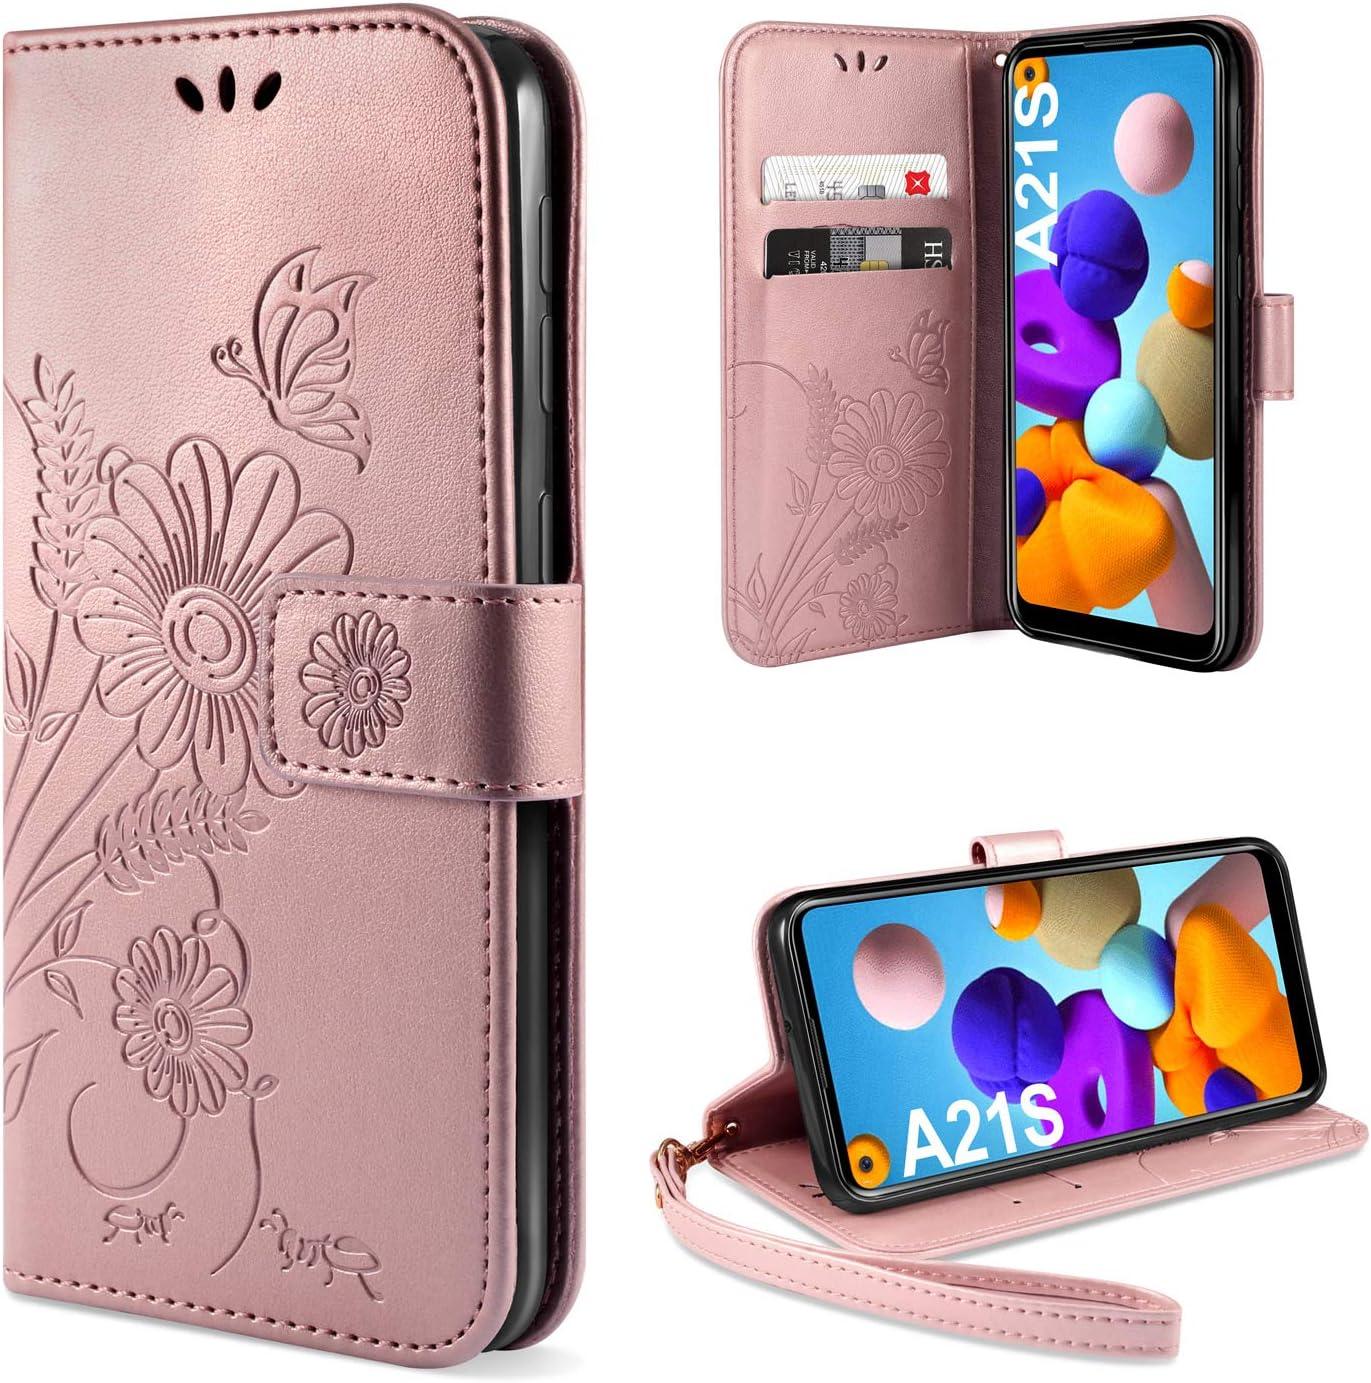 DUX DUCIS Coque pour Samsung Galaxy A21s Noir Housse en Cuir avec Magnetique Premium Flip Compatible pour Samsung Galaxy A21s